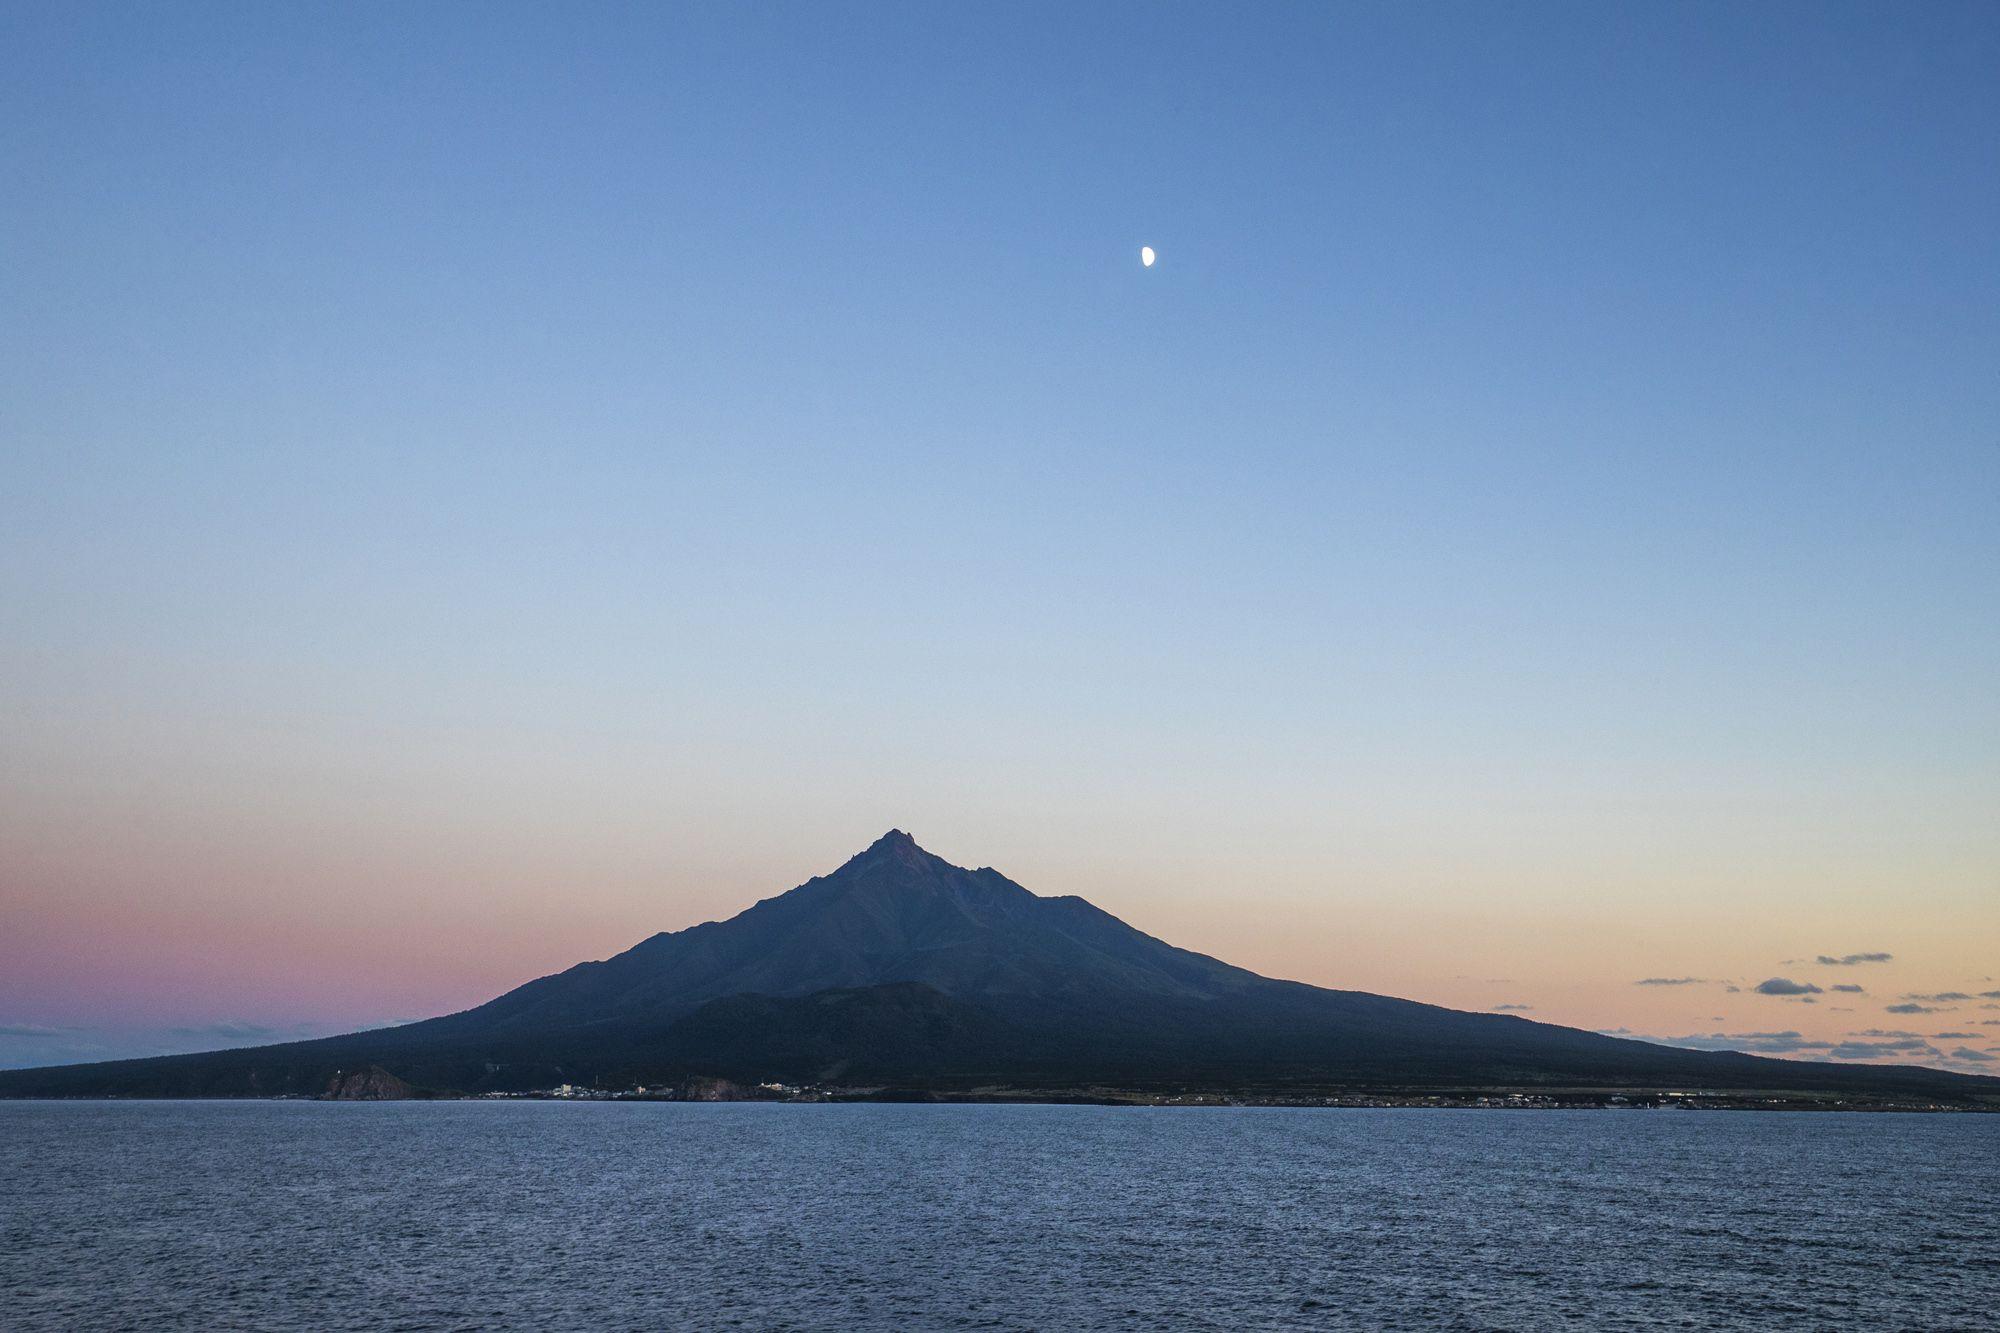 位於北海道利尻岛的利尻山又名「利尻富士」。由於利尻富士是一座四面环海的独立山峰,所以时常被云雾覆盖。难得一见的黎明之景。